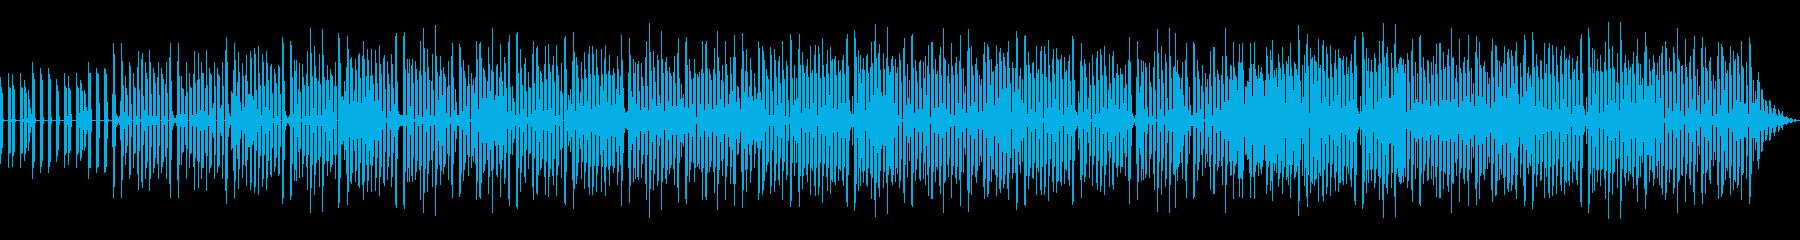 ちょっと昔のゲーム音楽風 楽しいリズムの再生済みの波形